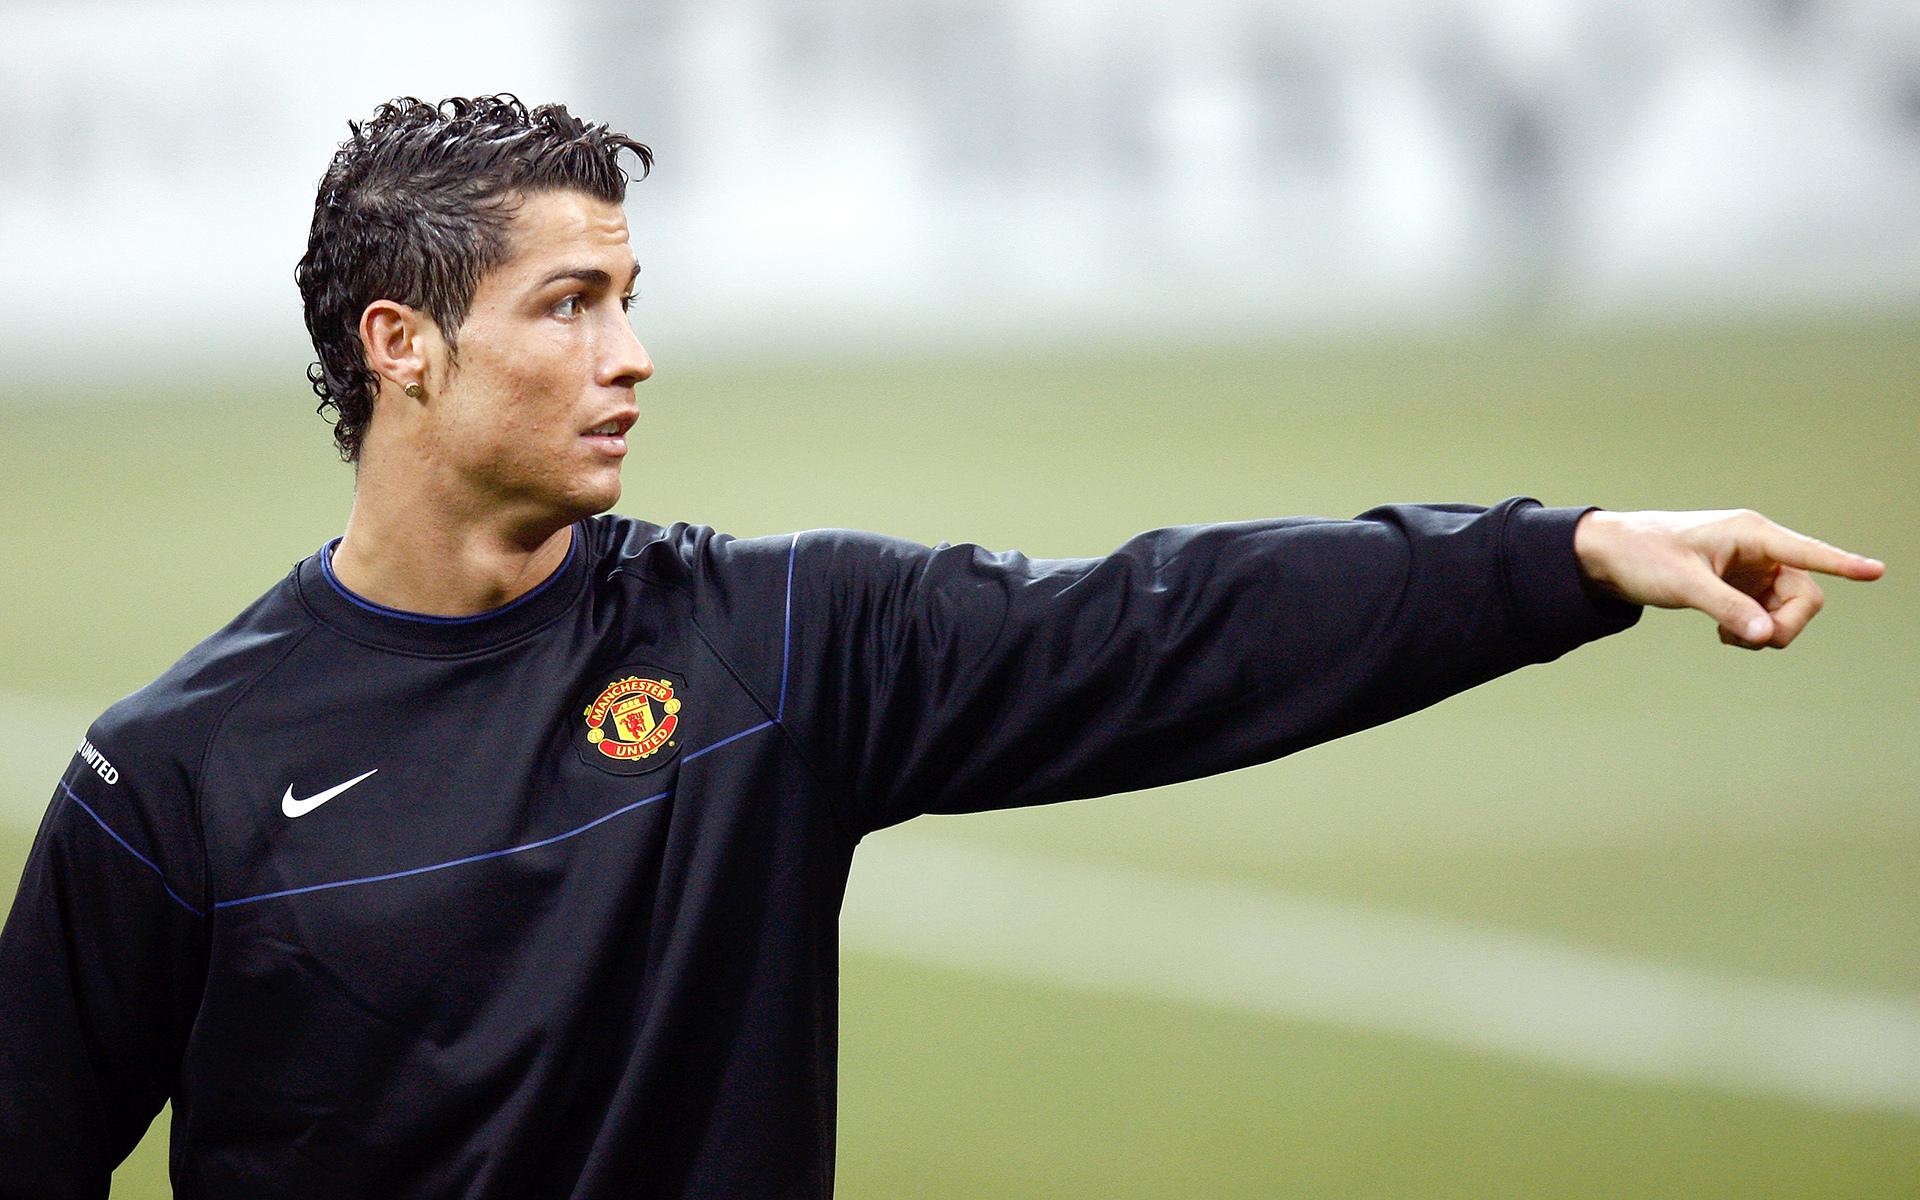 Cristiano Ronaldo Quotes Wallpaper Hd Cr7 Wallpaper Hd Pixelstalk Net